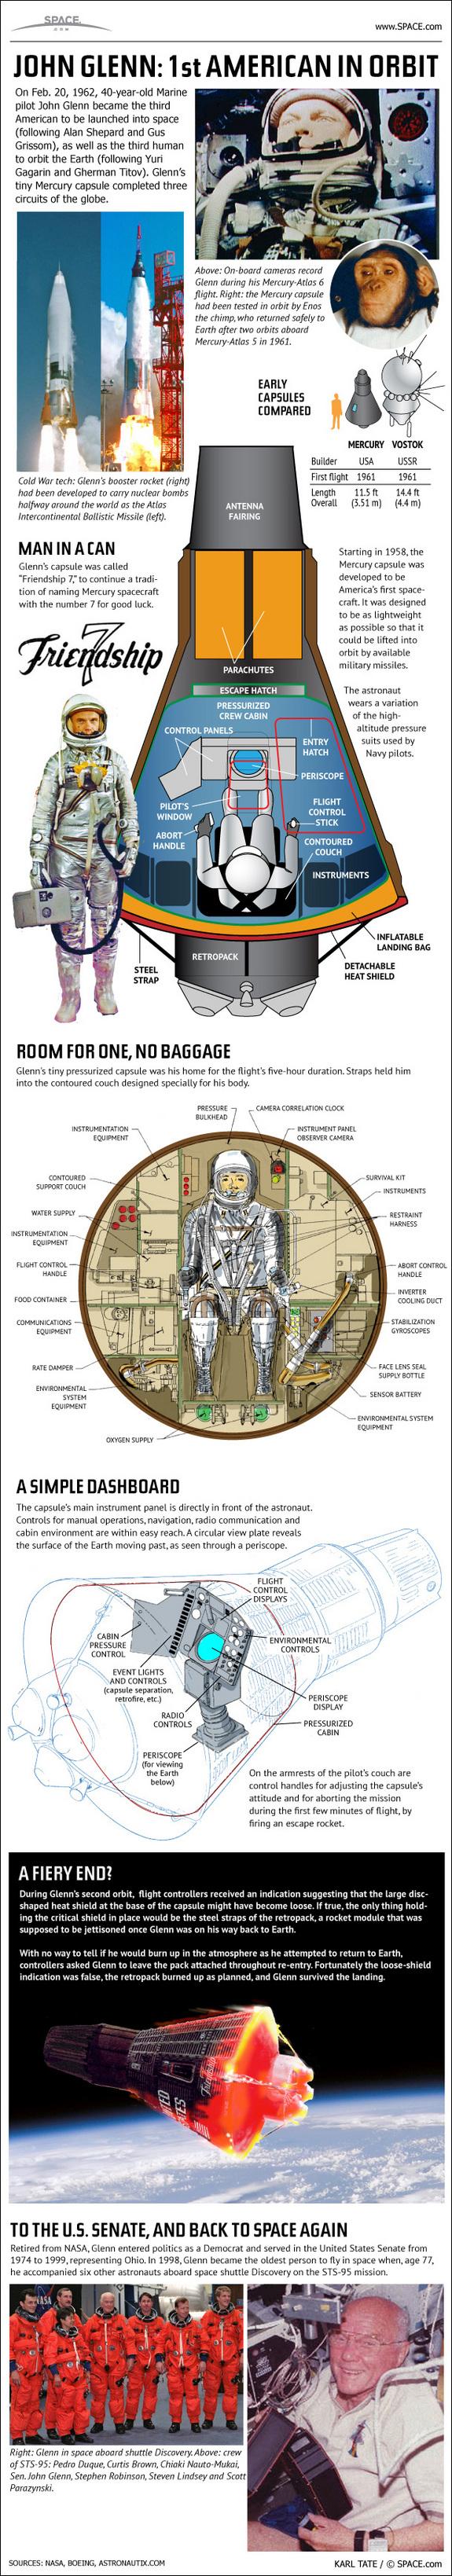 John Glenn infographic Holy Kaw